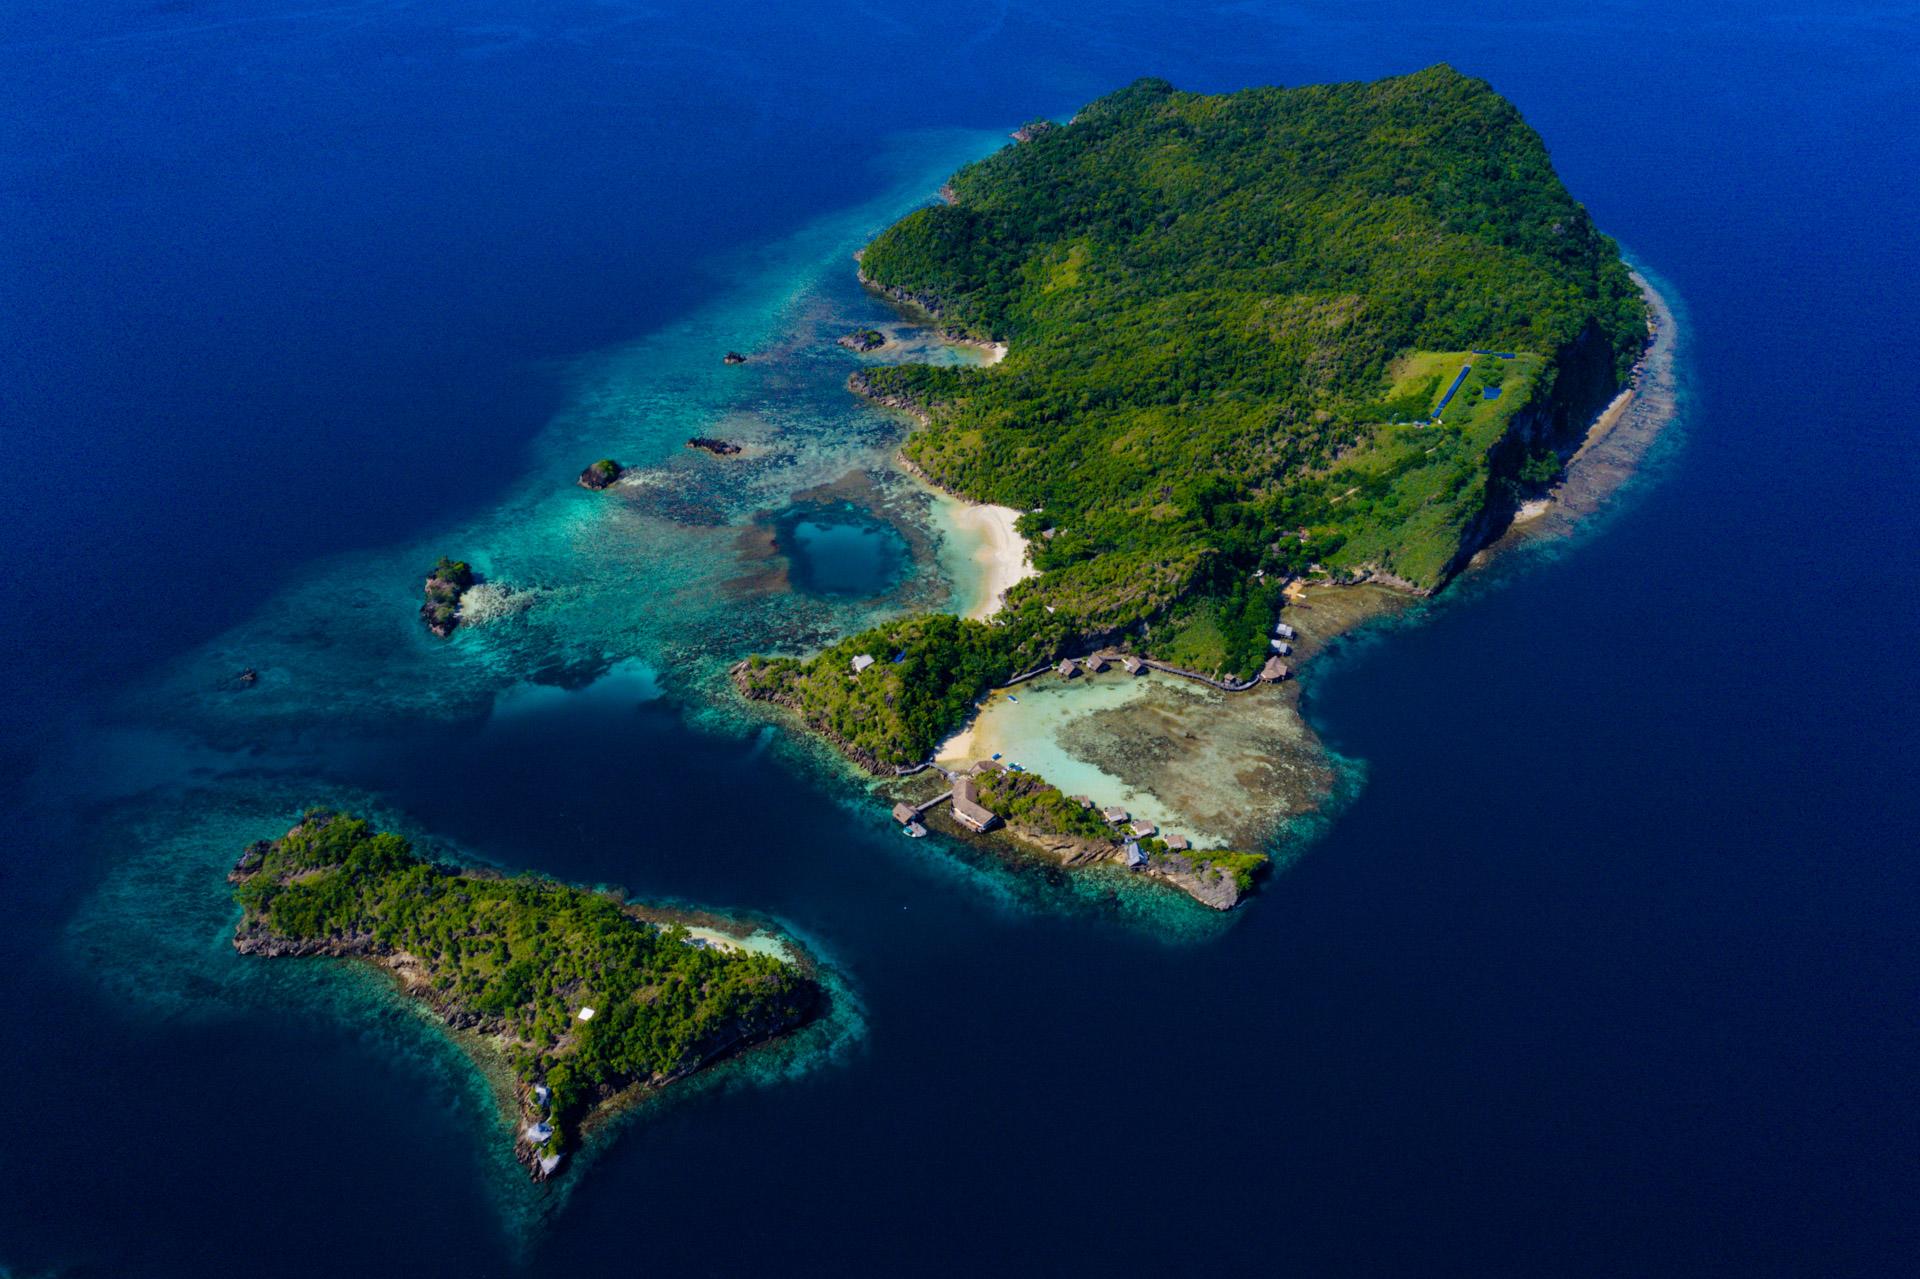 Aerial view of misool resort